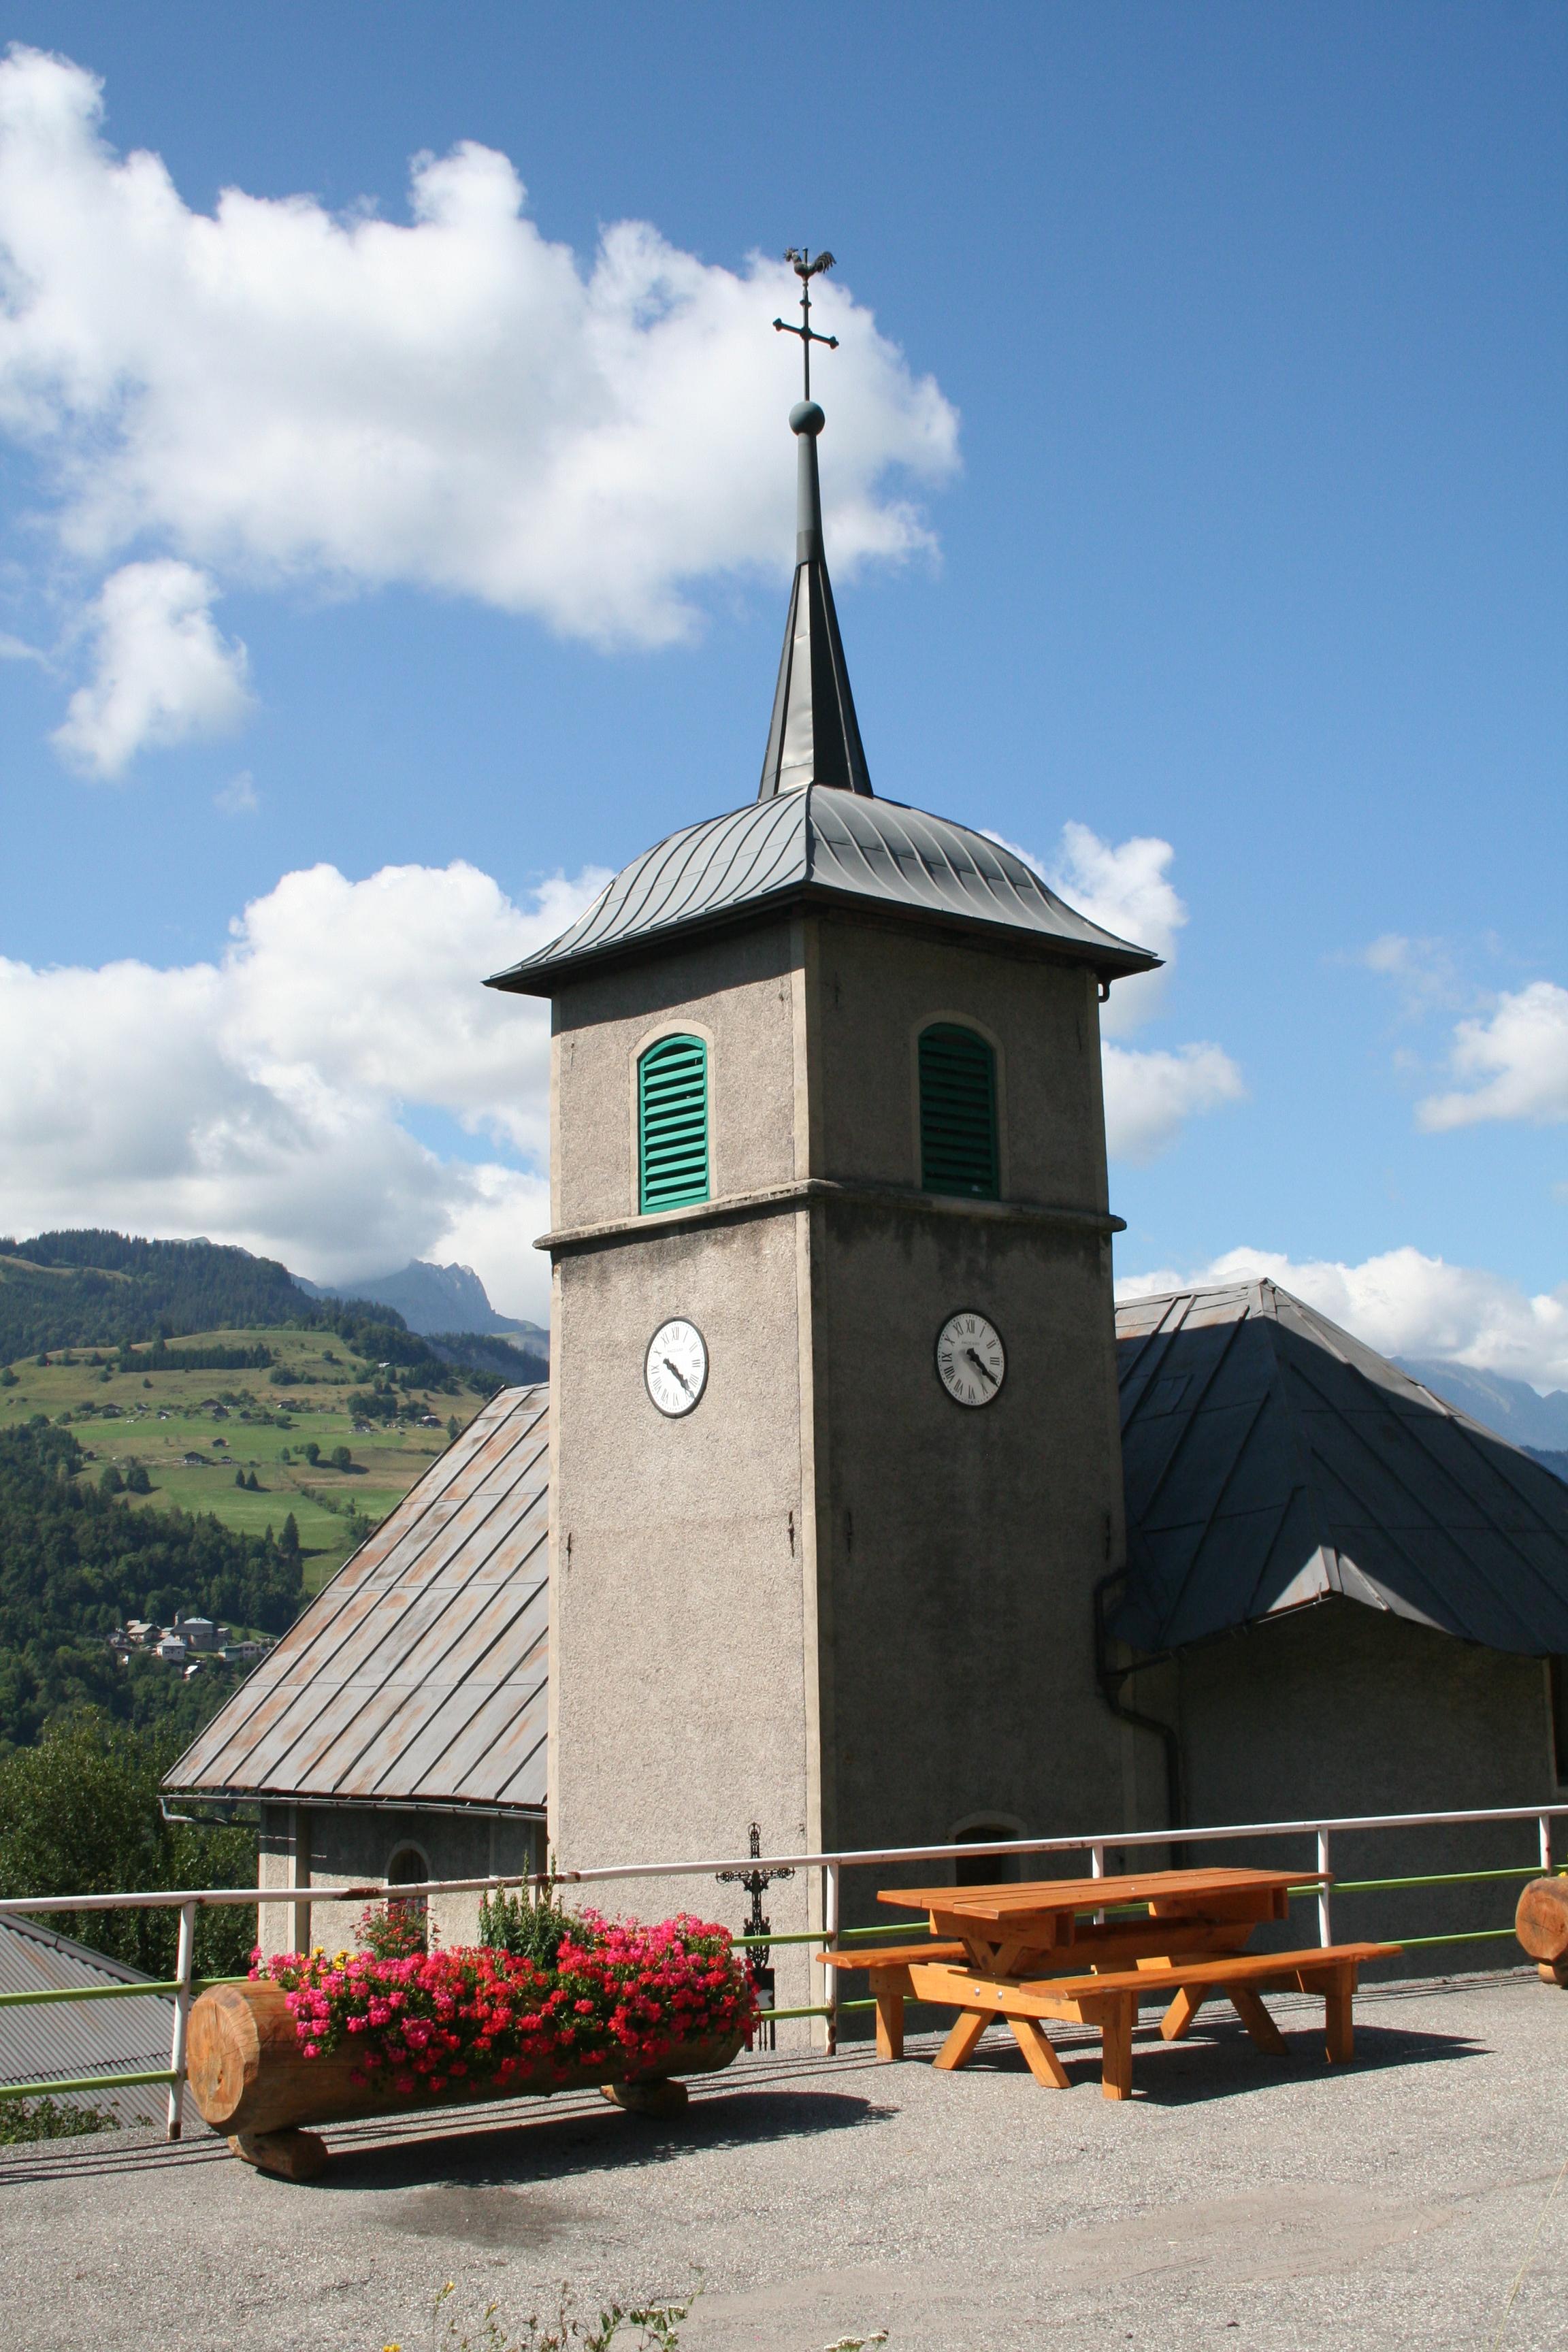 Eglise de cohennoz savoie mont blanc savoie et haute savoie alpes - Office de tourisme crest voland ...